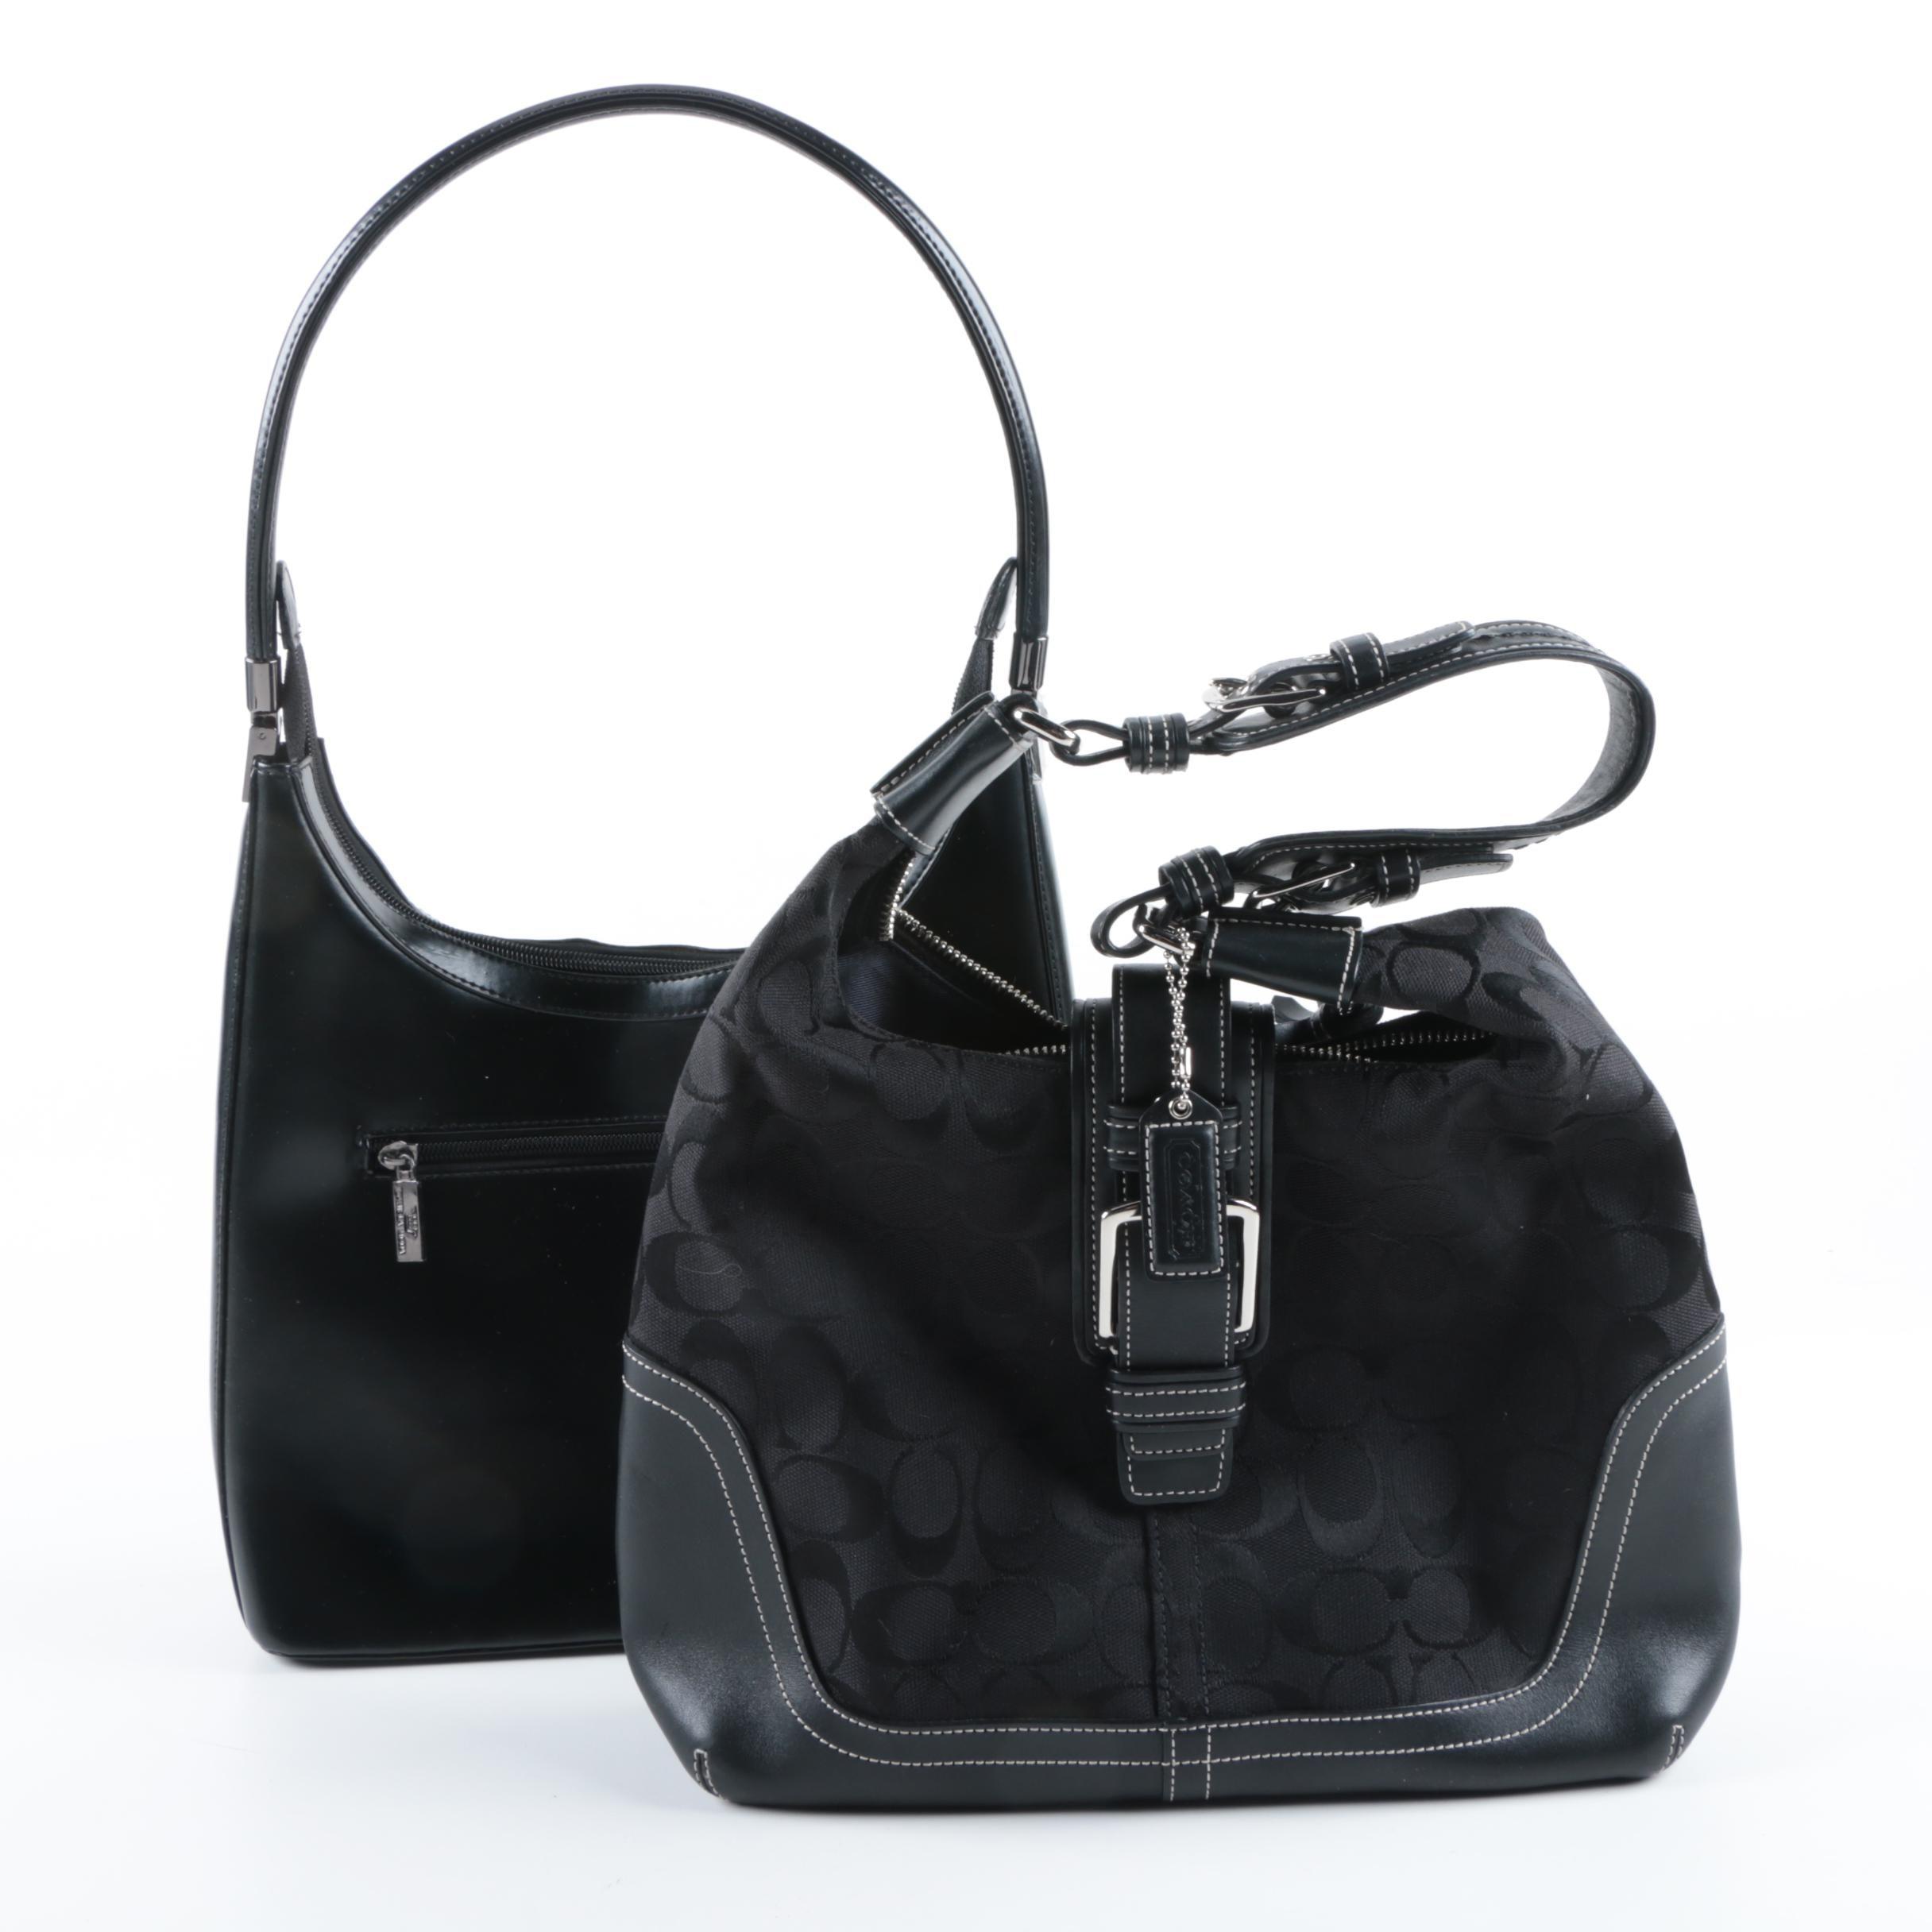 Coach Signature Handbag and Daniela Moda Handbag